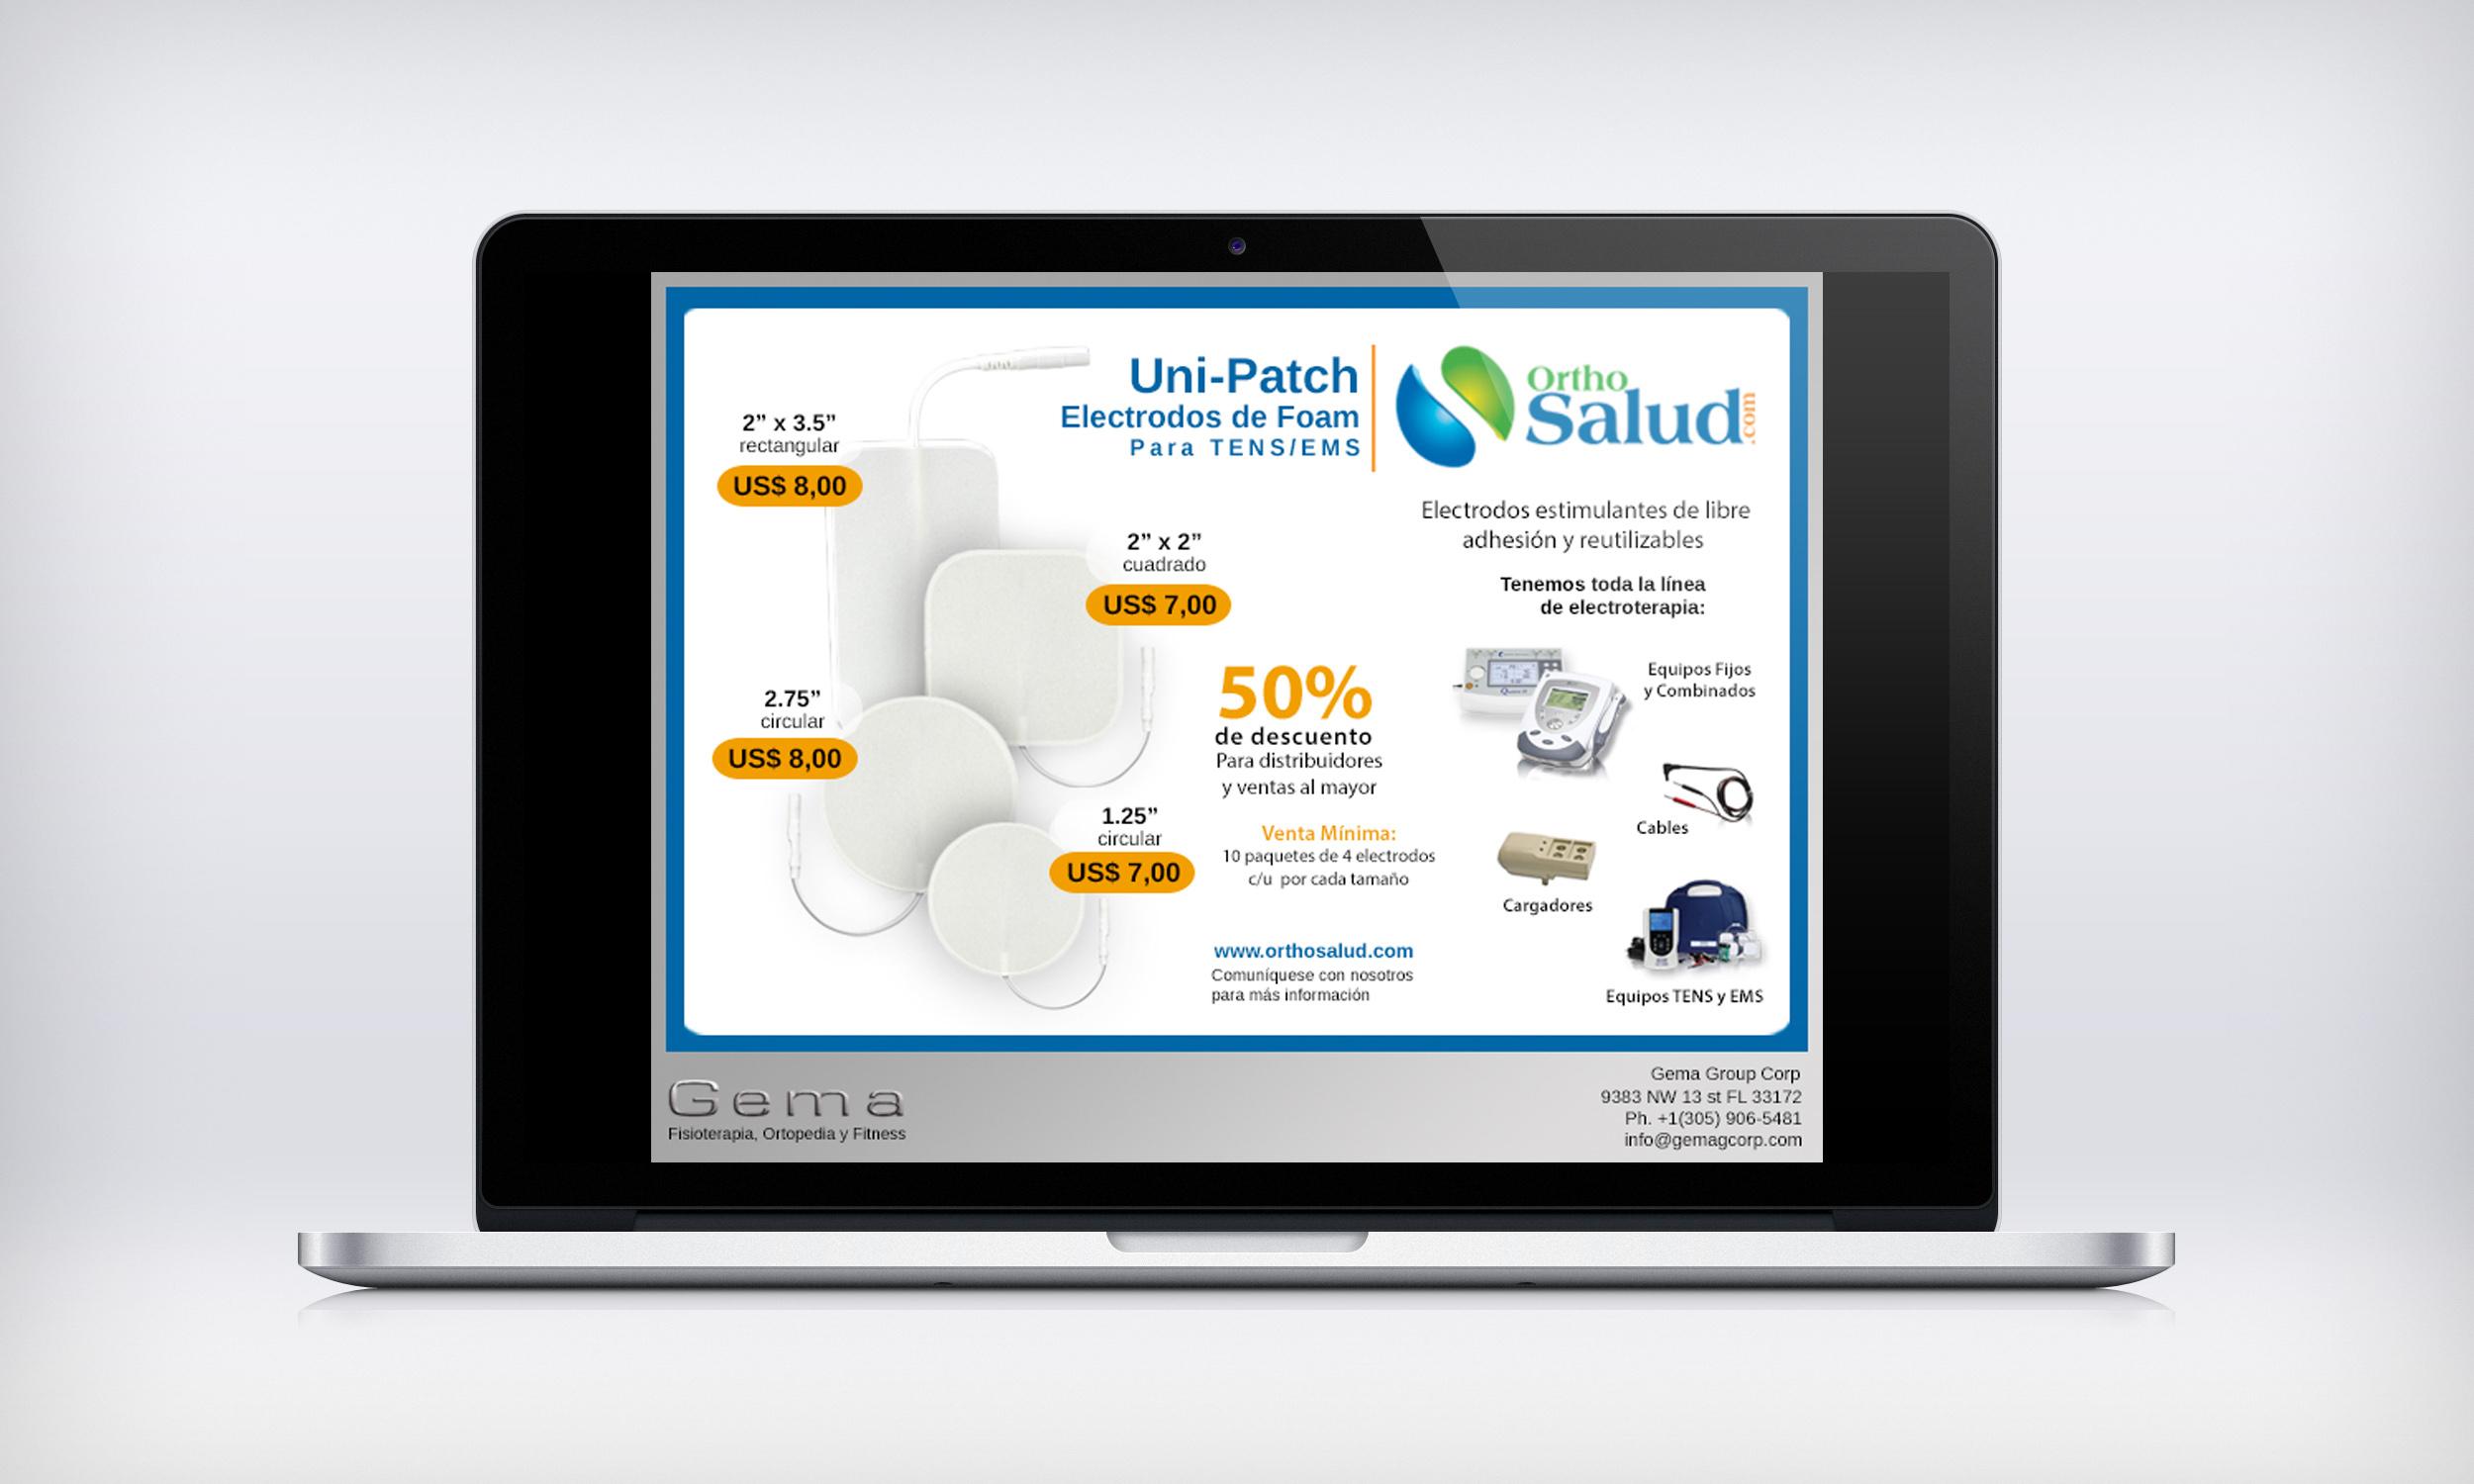 Ortho salud ad flyer design